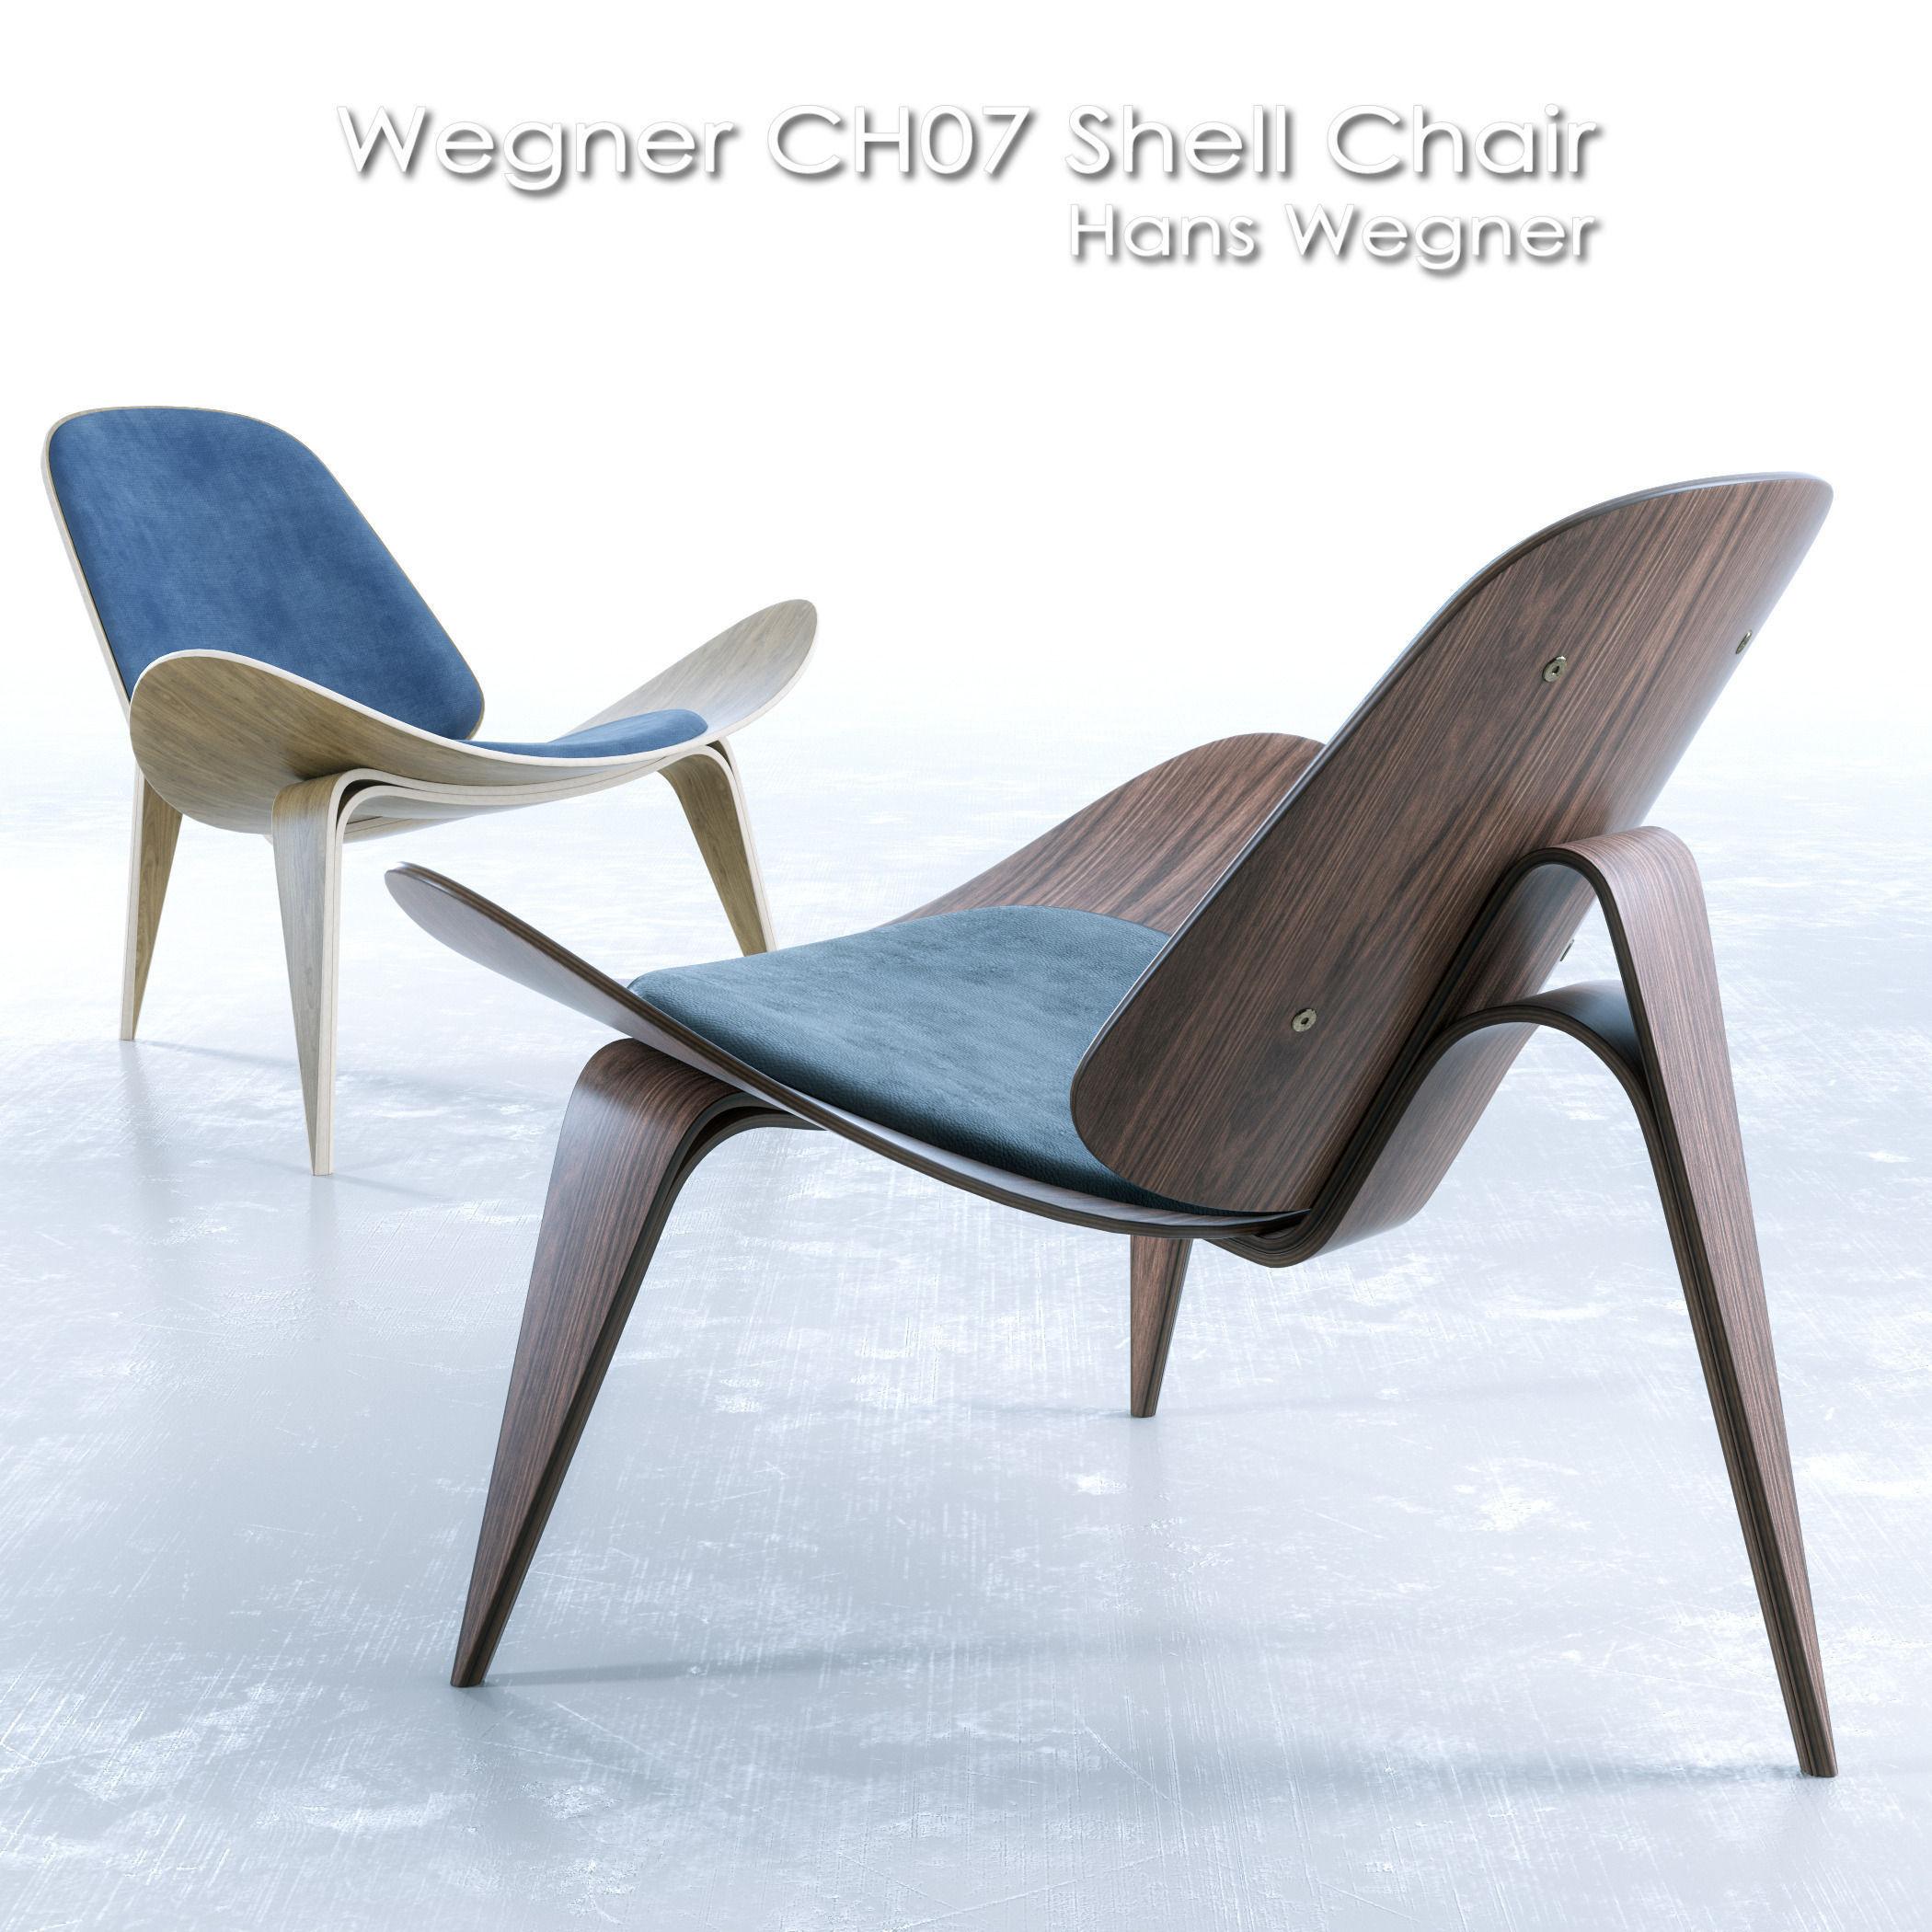 Hans wegner shell chairs - Wegner Ch07 Shell Chair 3d Model Max Obj Fbx Mat 1